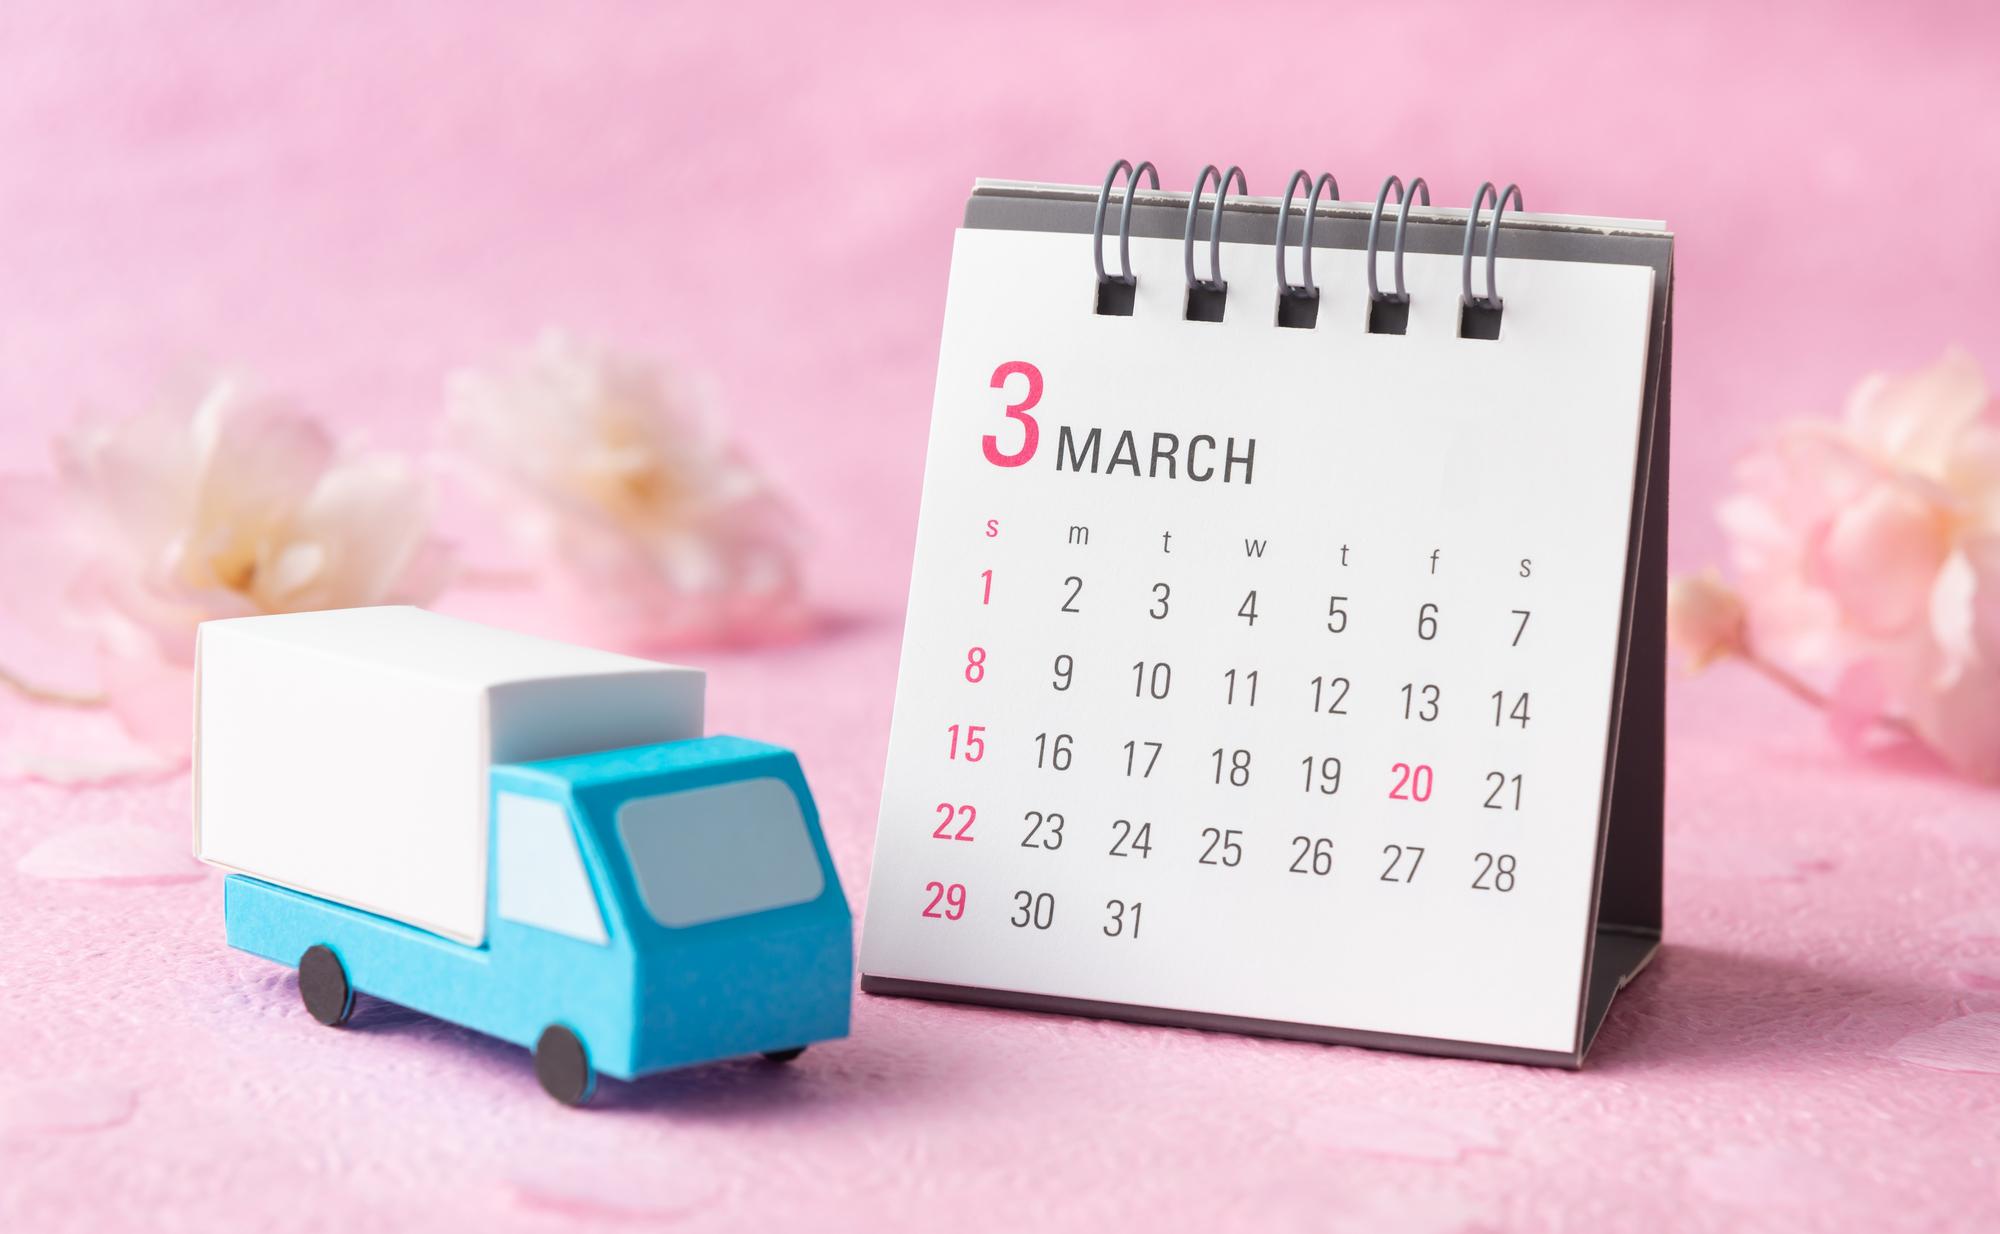 カレンダーとトラックのイメージ